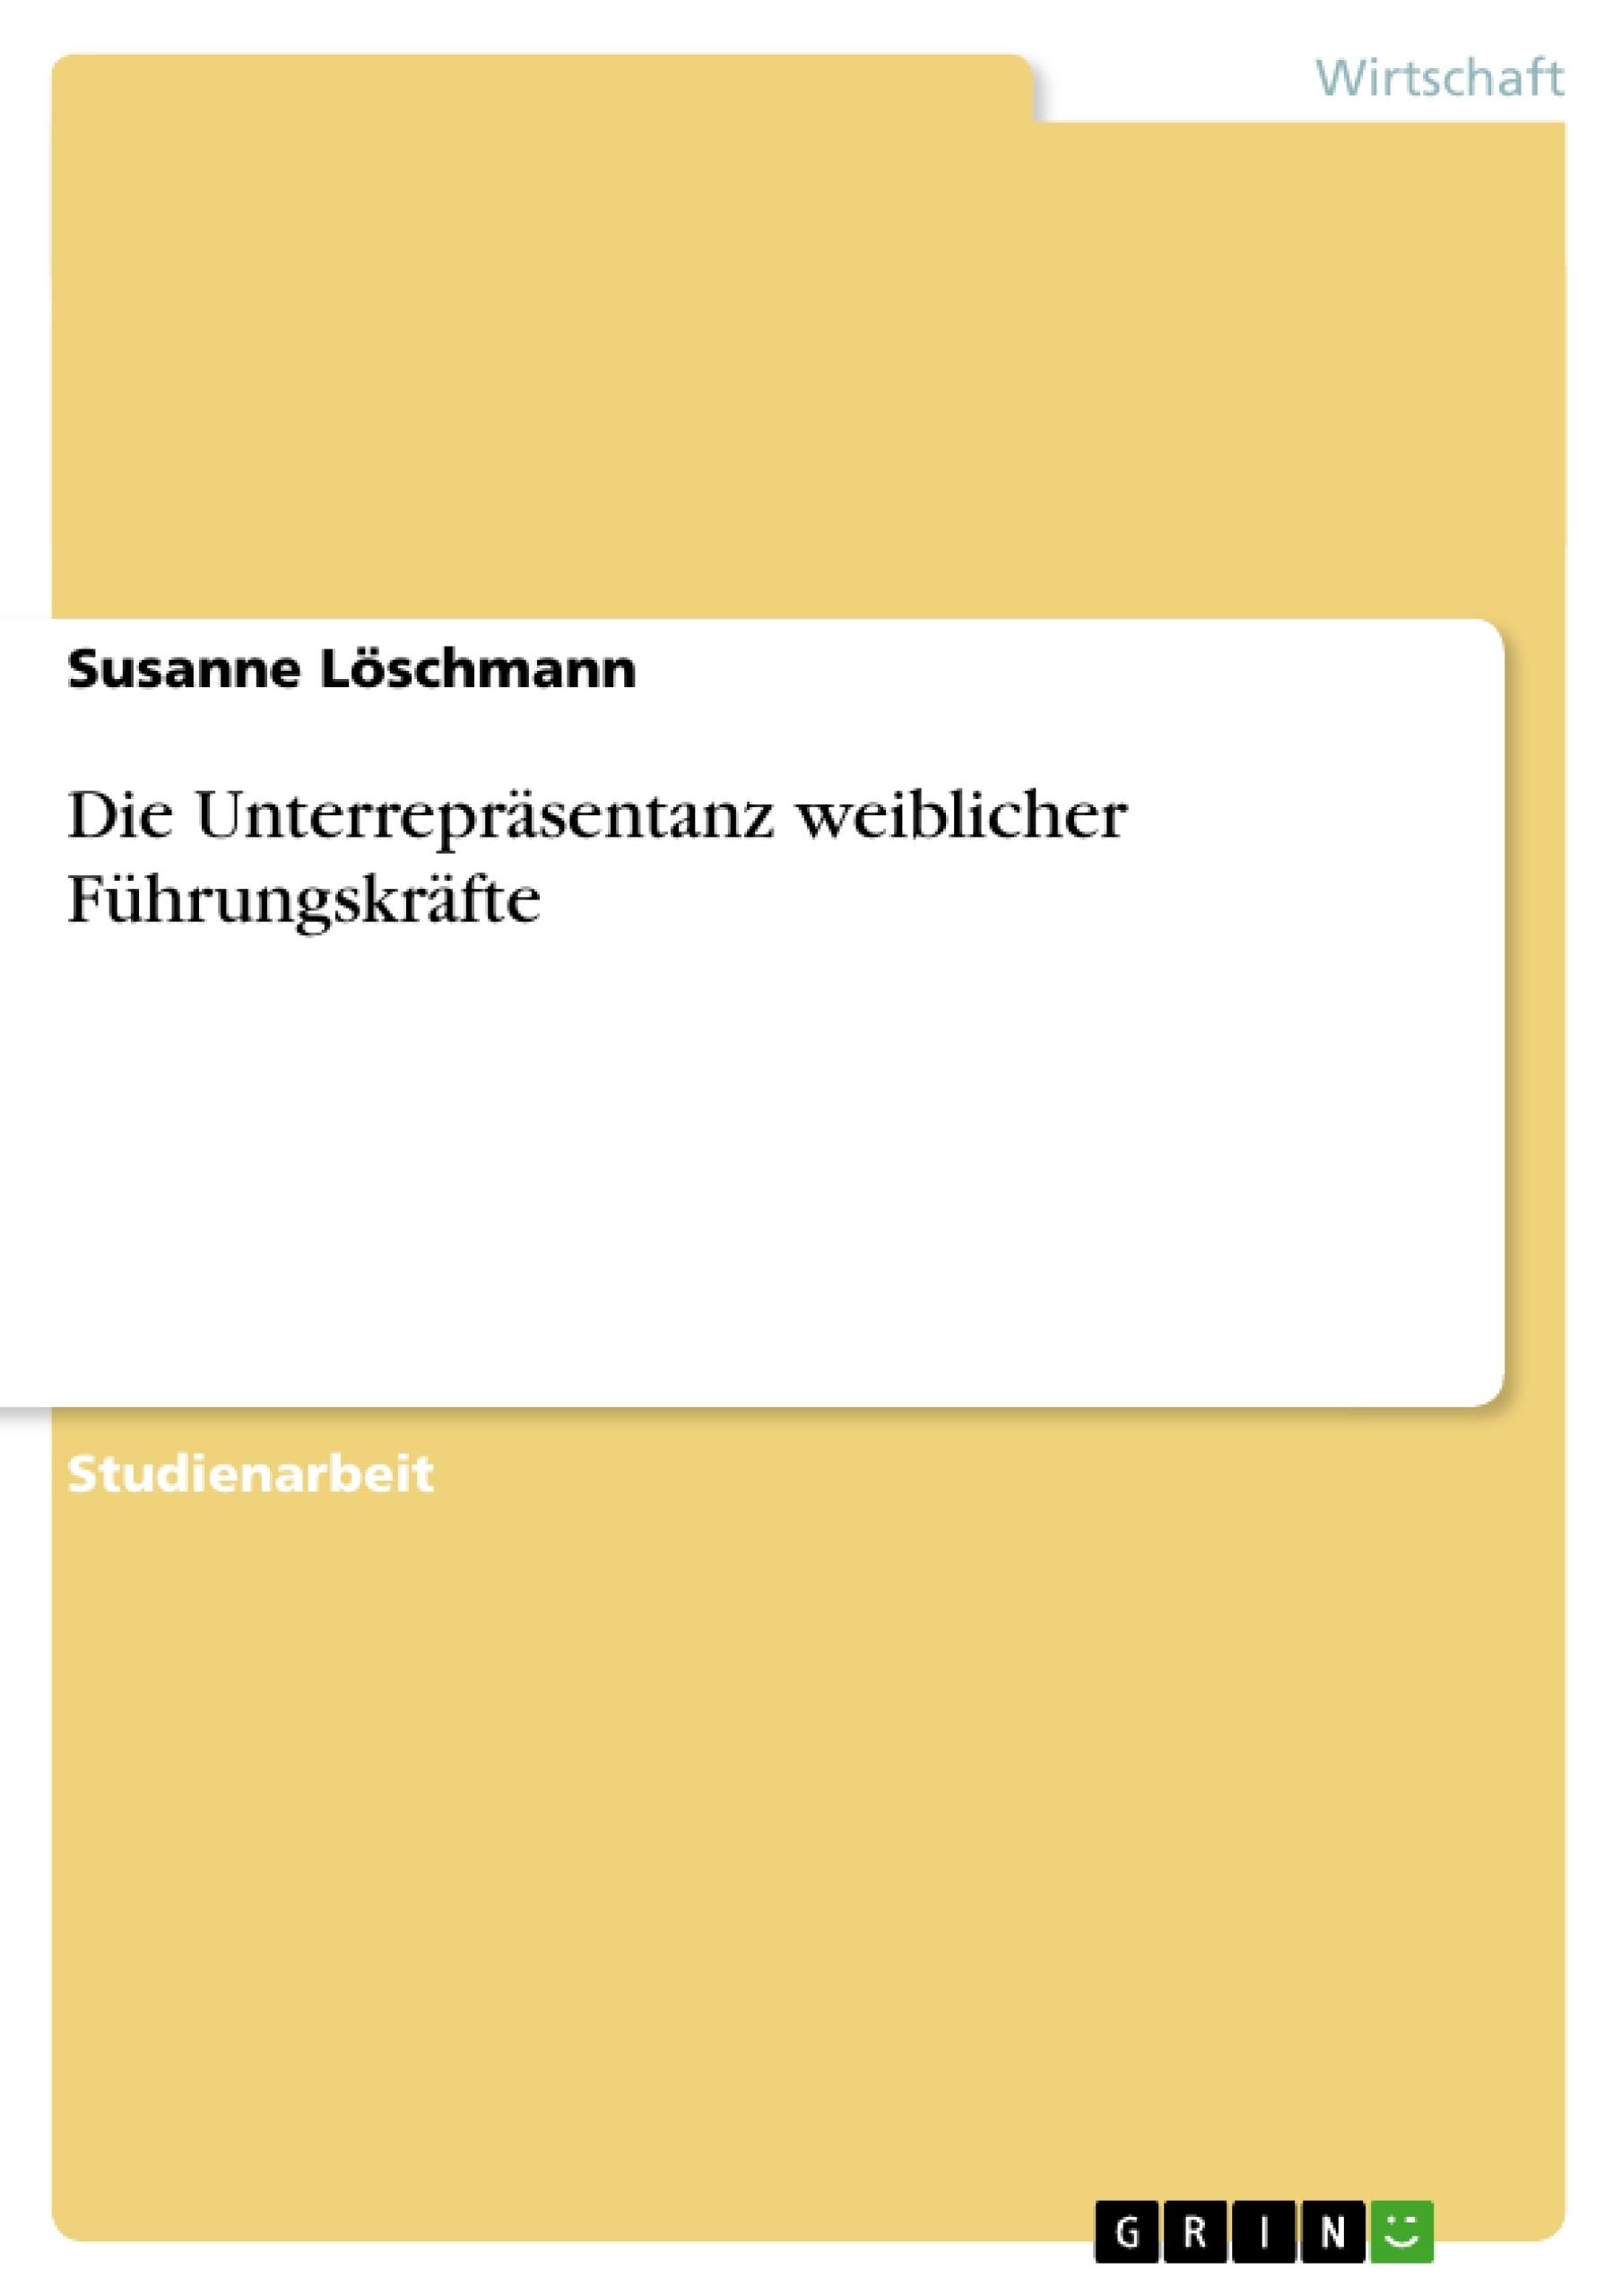 Titel: Die Unterrepräsentanz weiblicher Führungskräfte